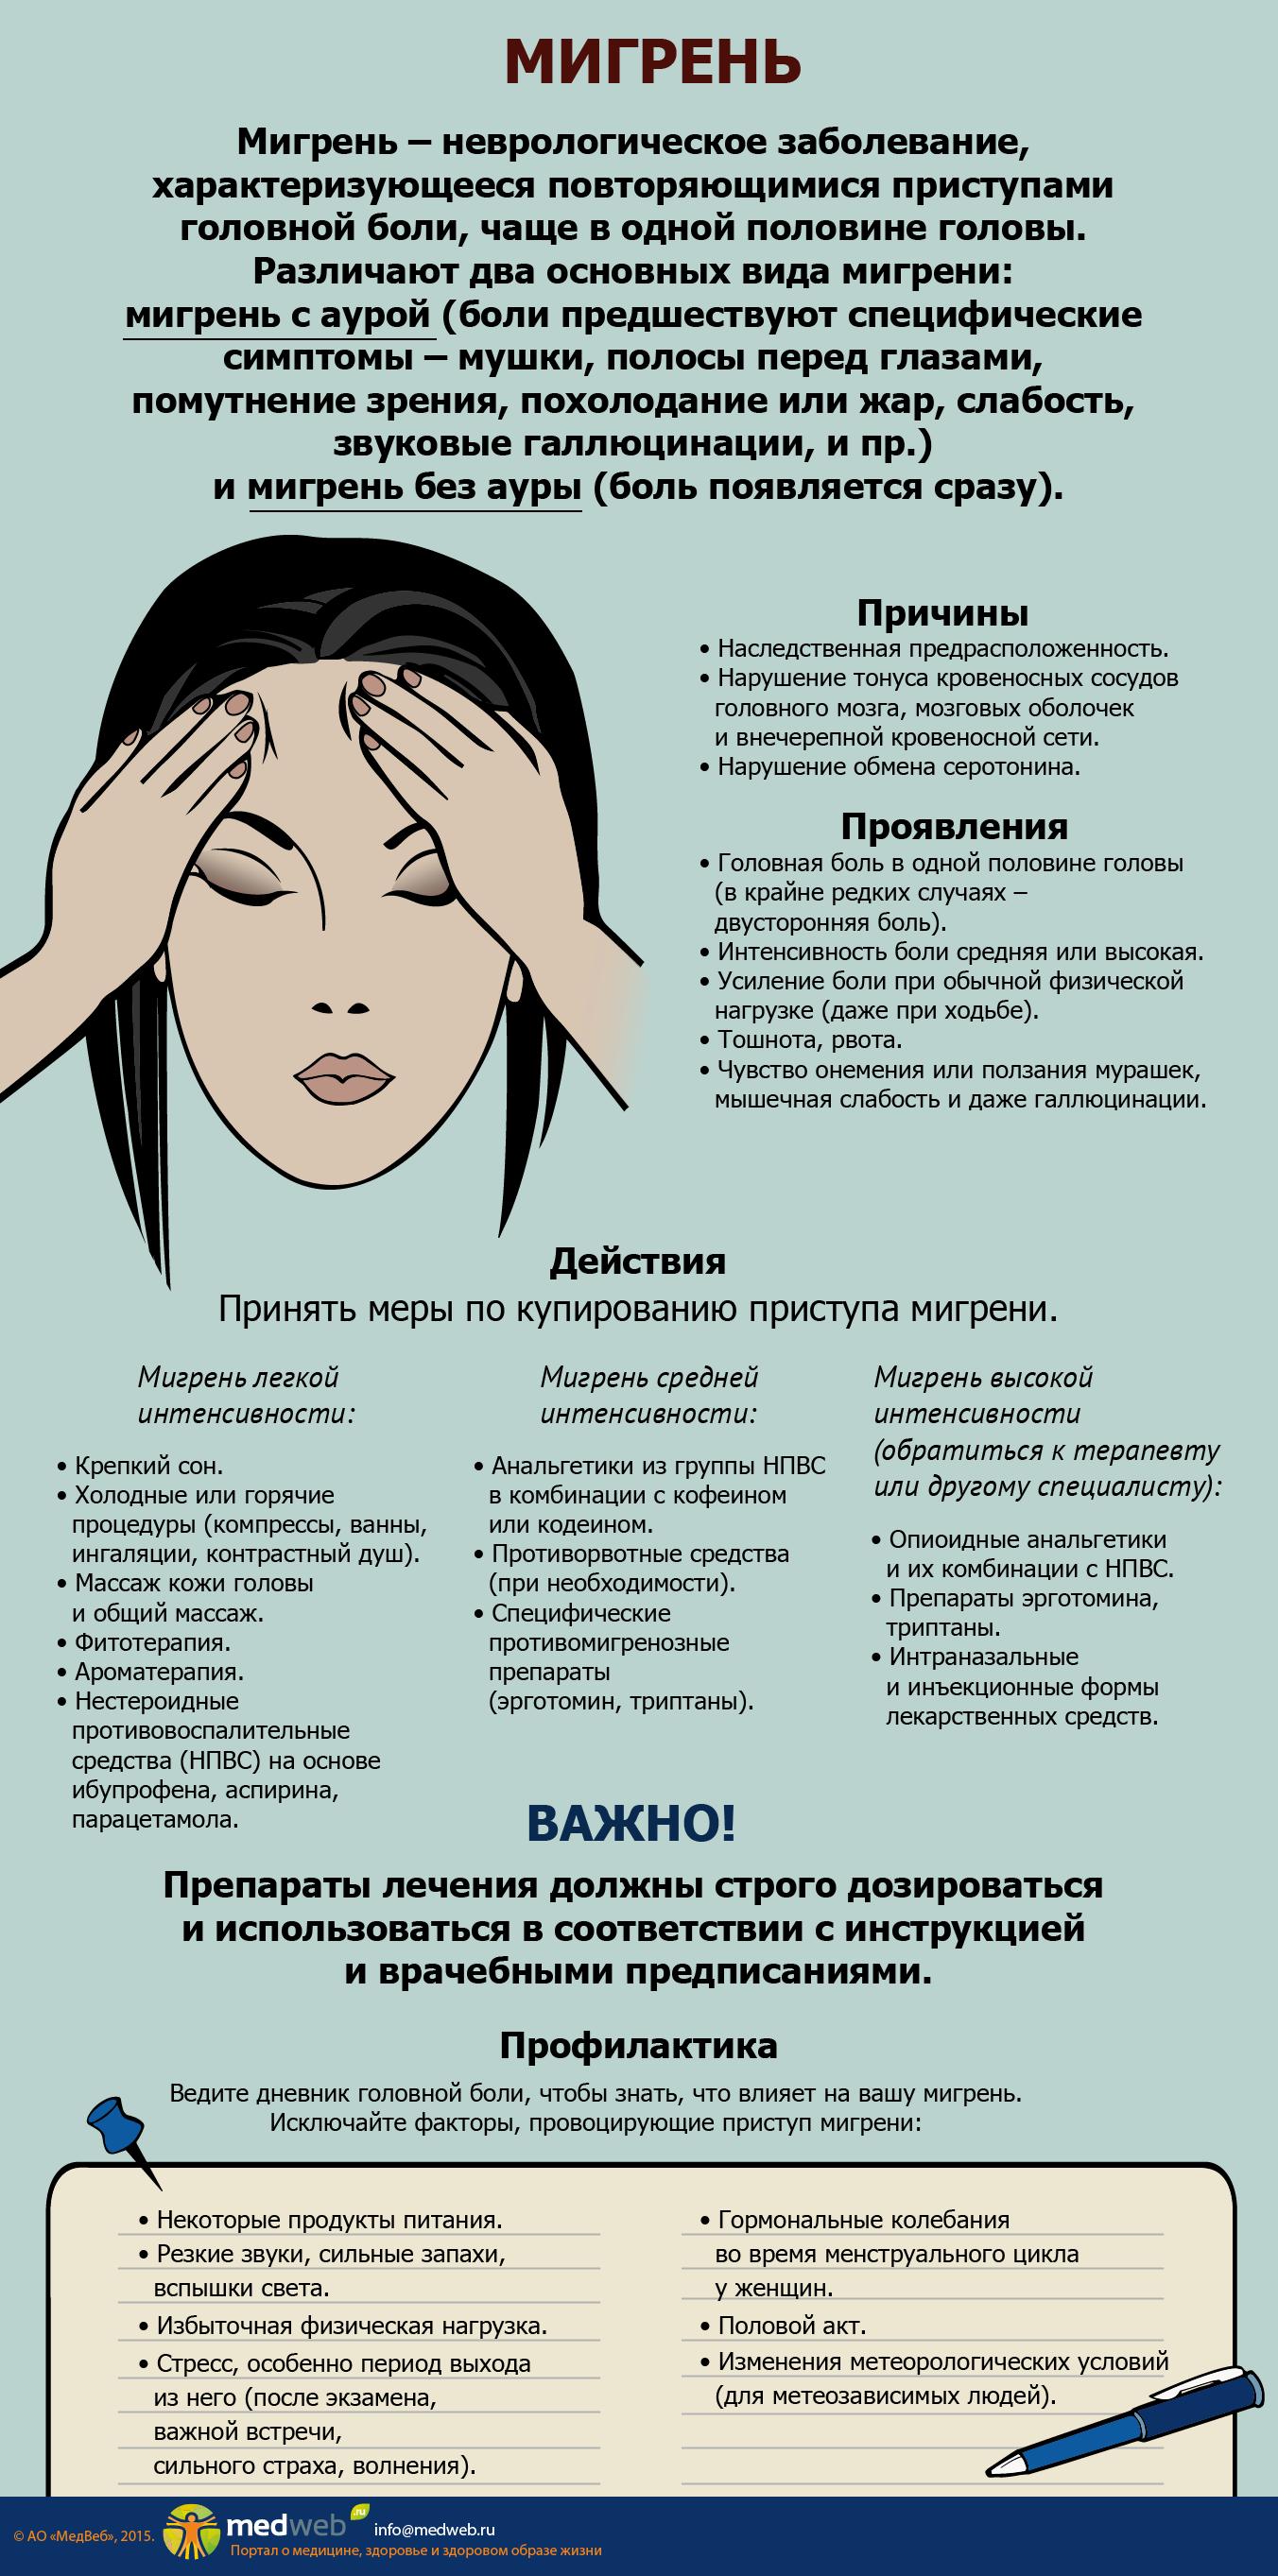 Что делать при приступе мигрени у ребенка